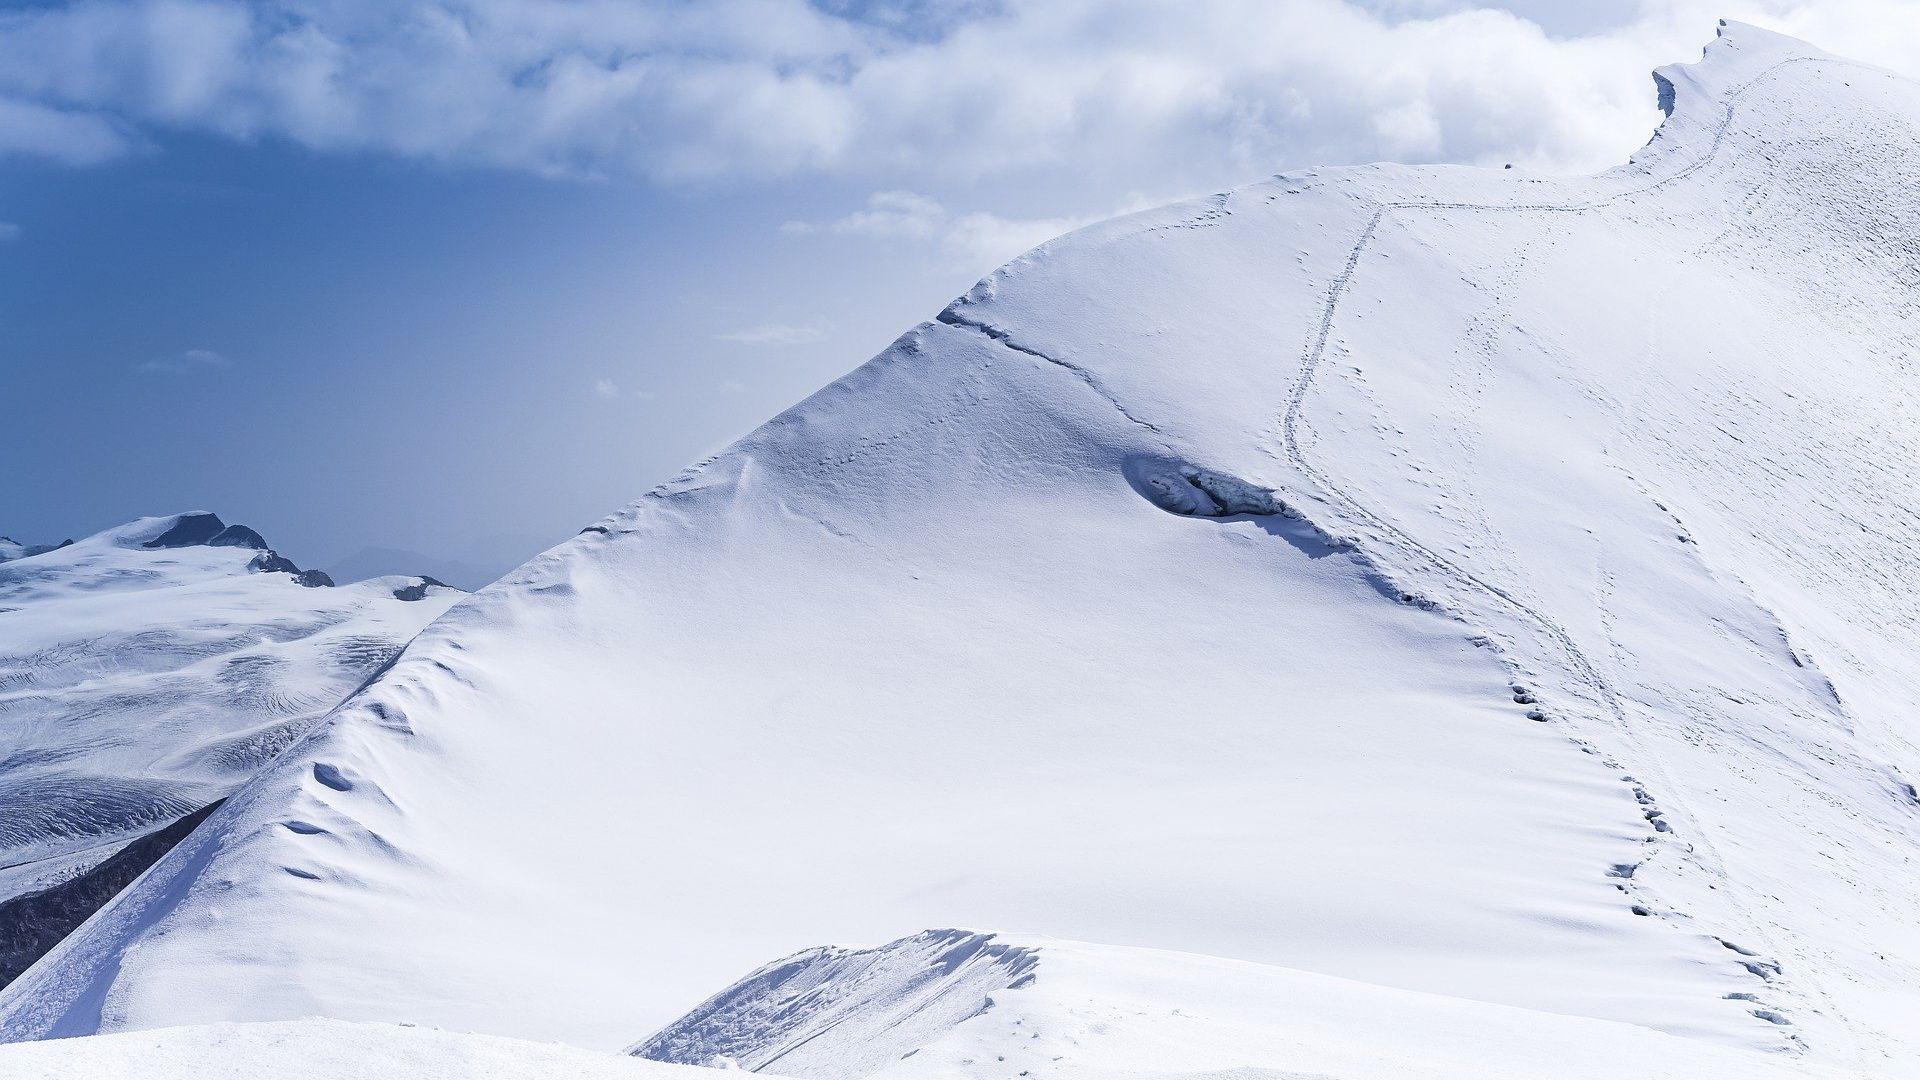 Ski, Schweiz, Zermatt, Gruppenreisen, Reisen, Snowboard, Skikurse, morgenrot, Winter,